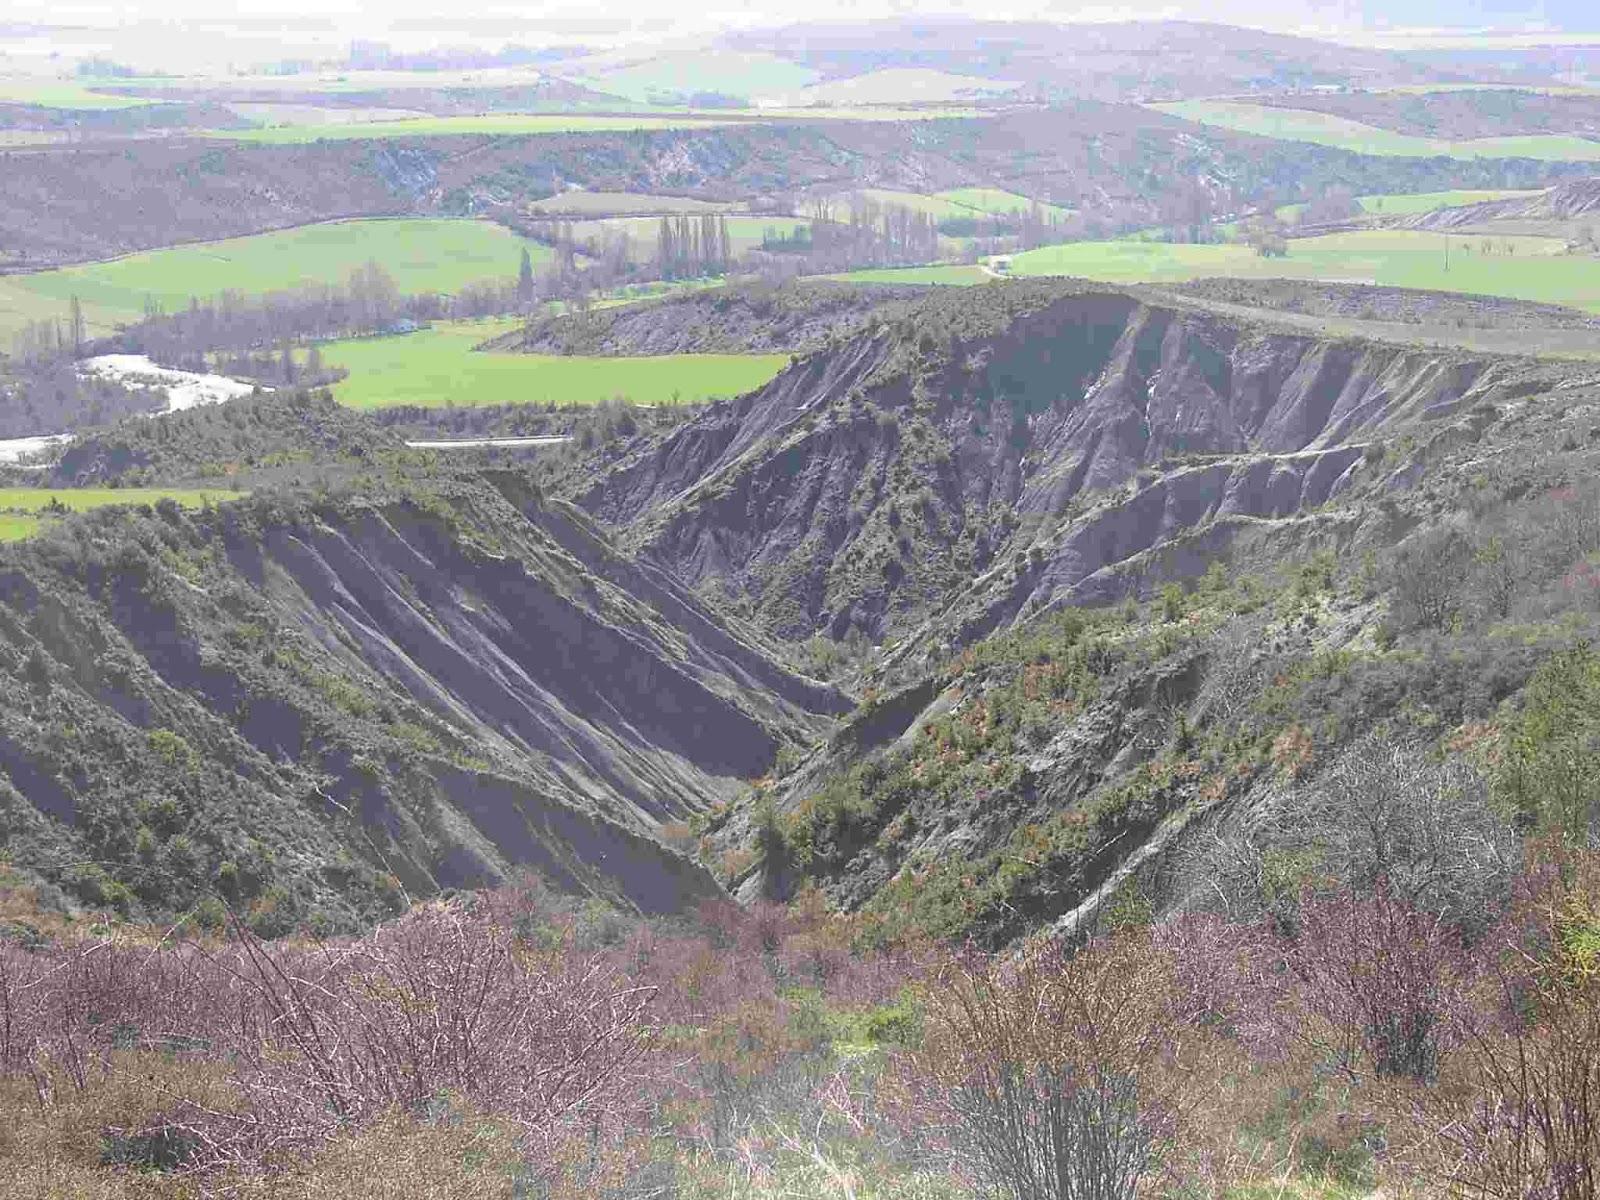 Sapere aude las formas del relieve continental - Fotos de relieve ...